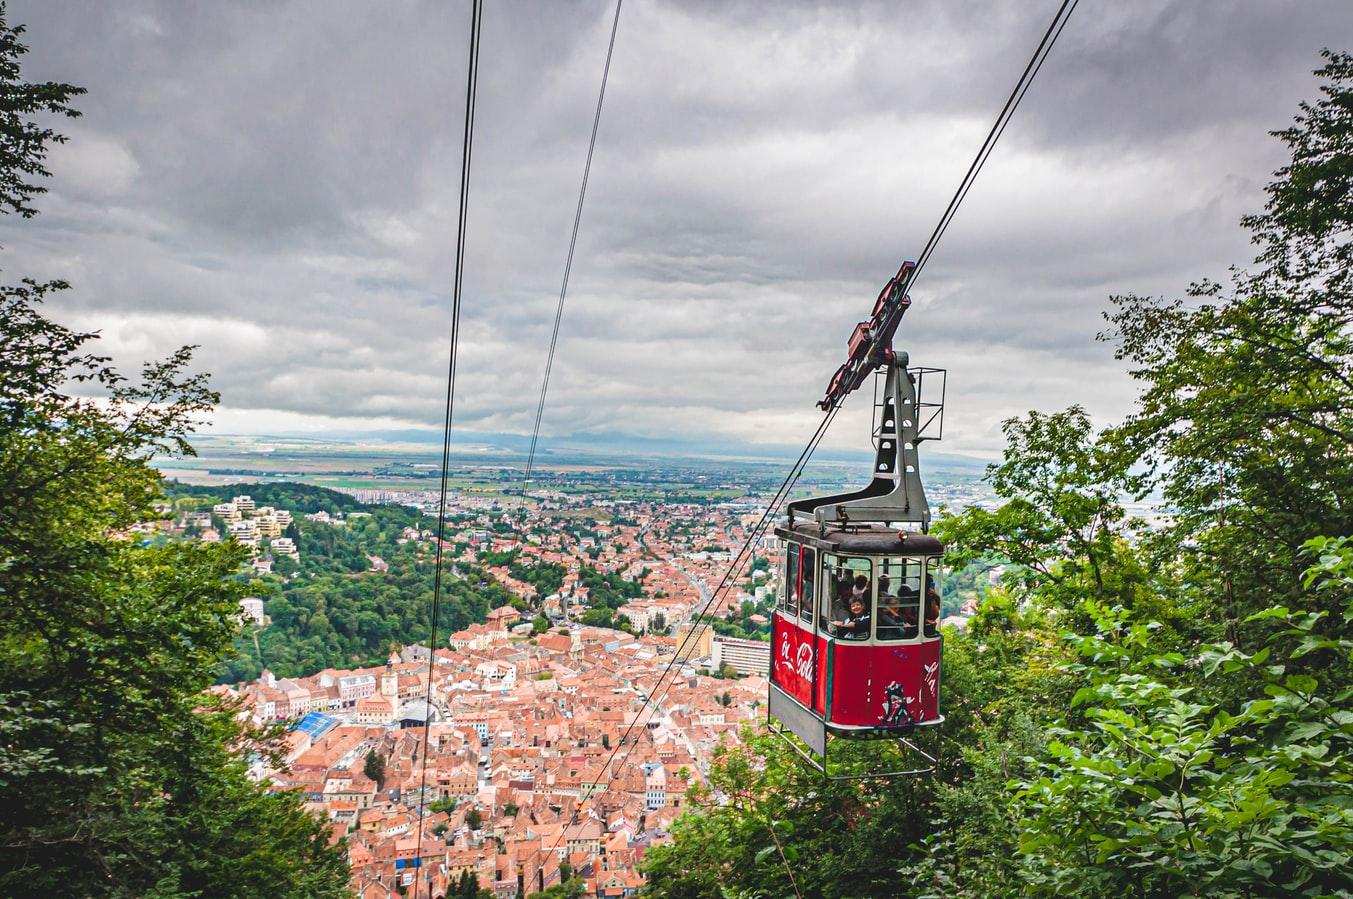 Blick auf Seilbahn und Brașov in Rumänien